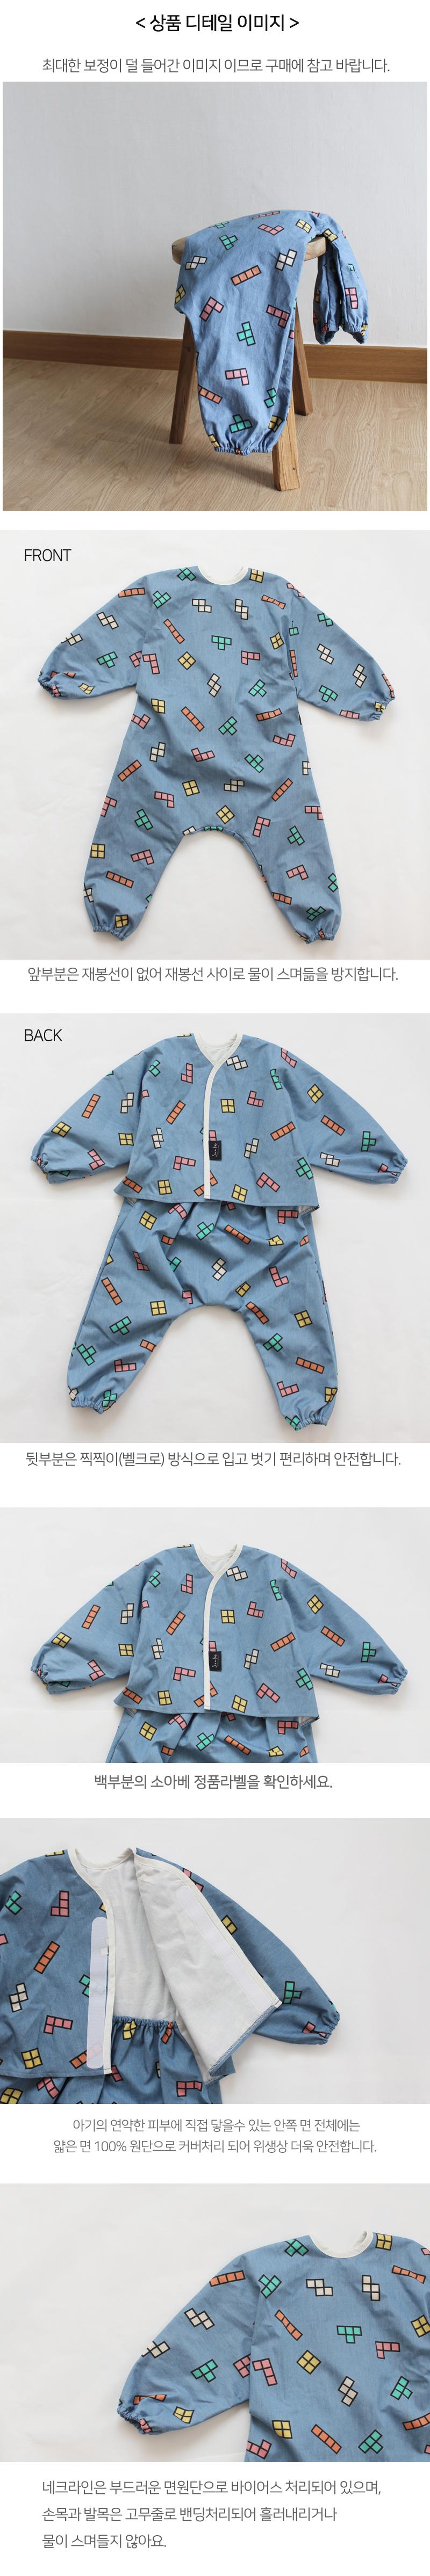 테트리스 유아 전신 미술가운 - 소아베, 62,100원, 미술놀이, 앞치마/가운/팔토시